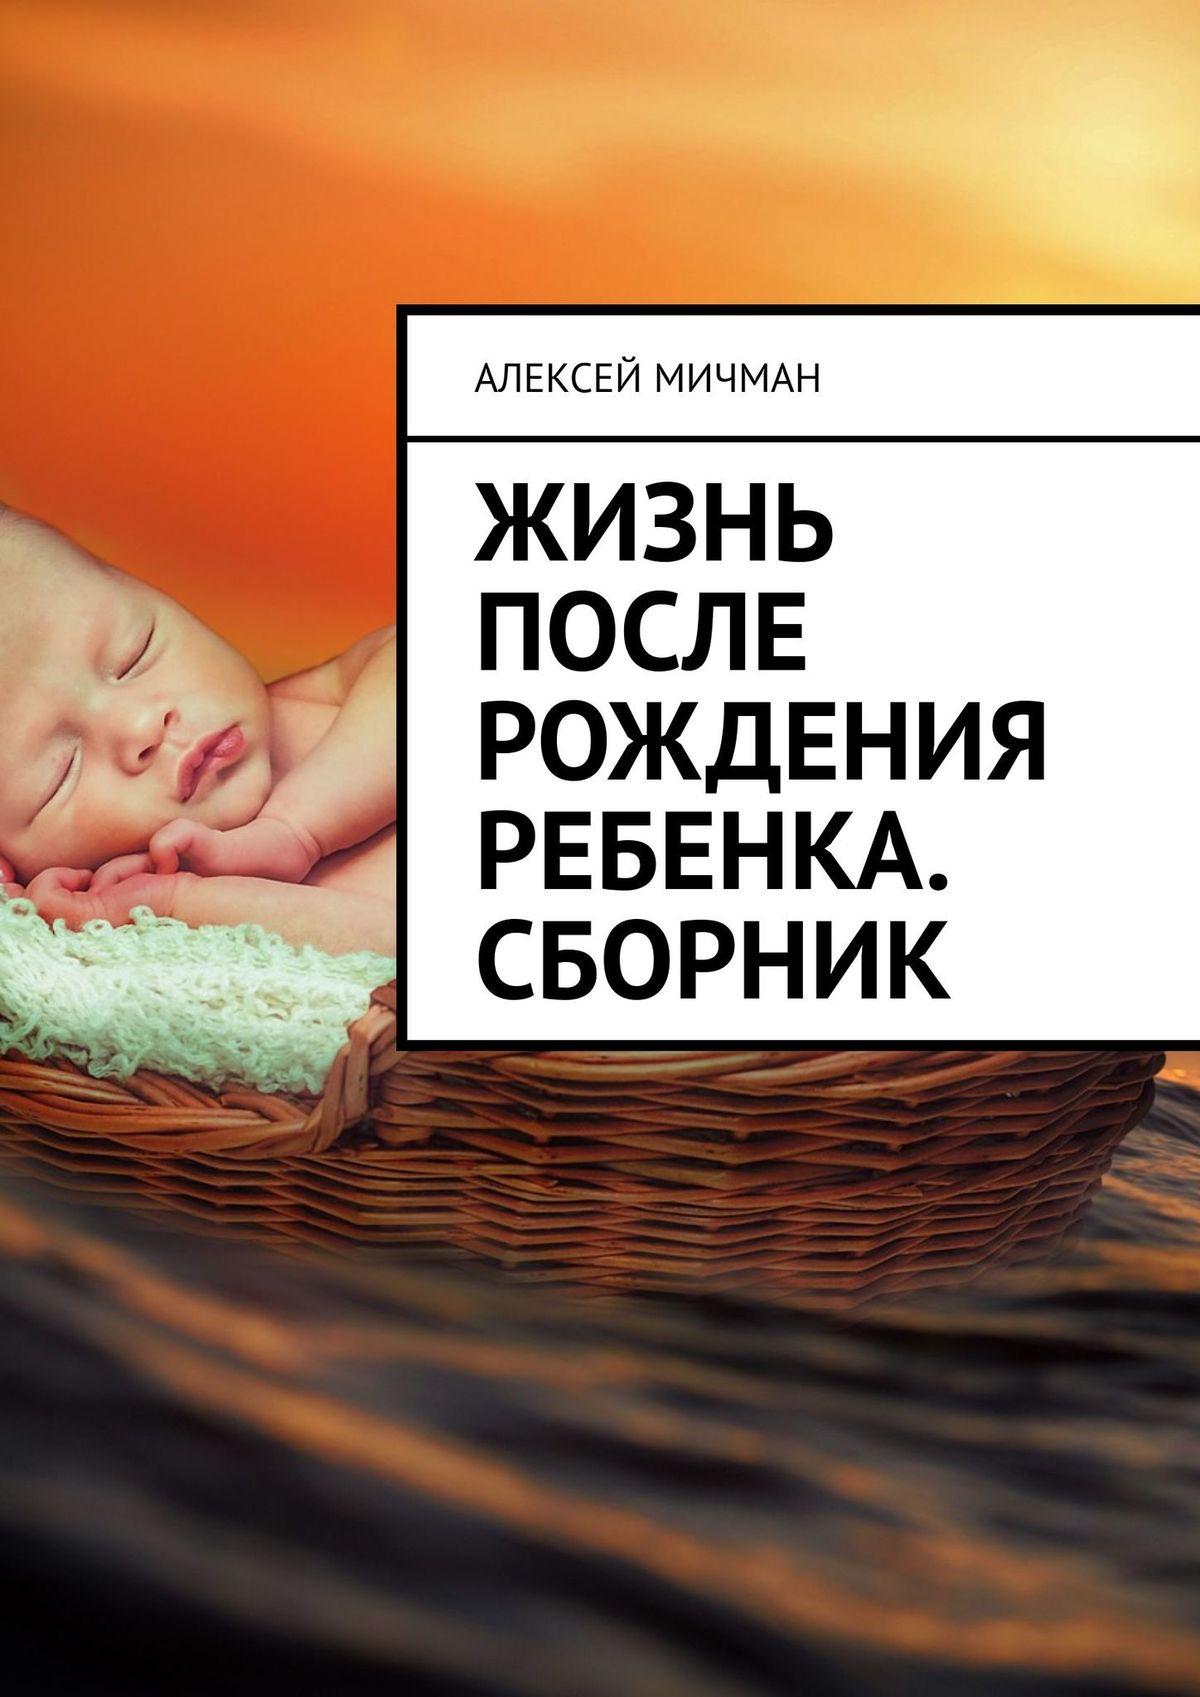 Алексей Мичман Жизнь после рождения ребенка. Сборник цена